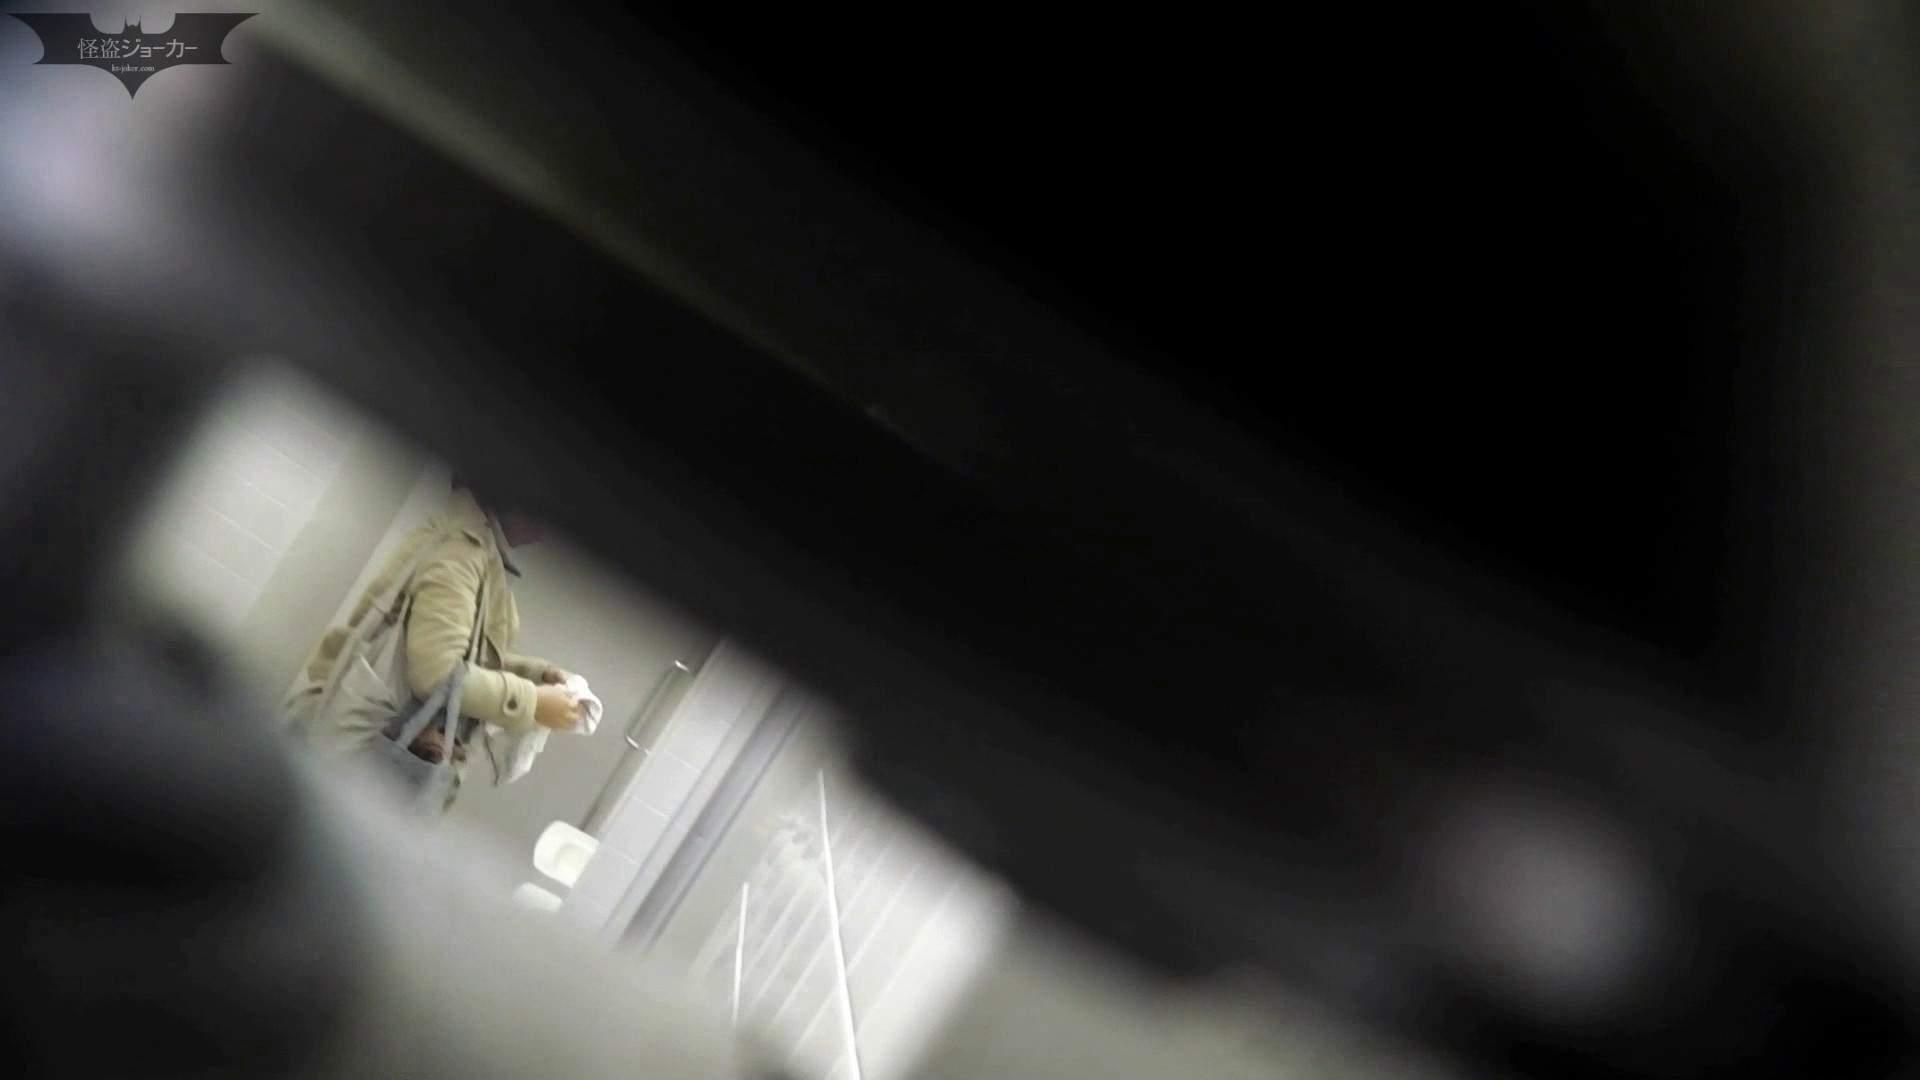 お銀さんの「洗面所突入レポート!!」Nol.5 洗面所のぞき AV動画キャプチャ 88枚 59